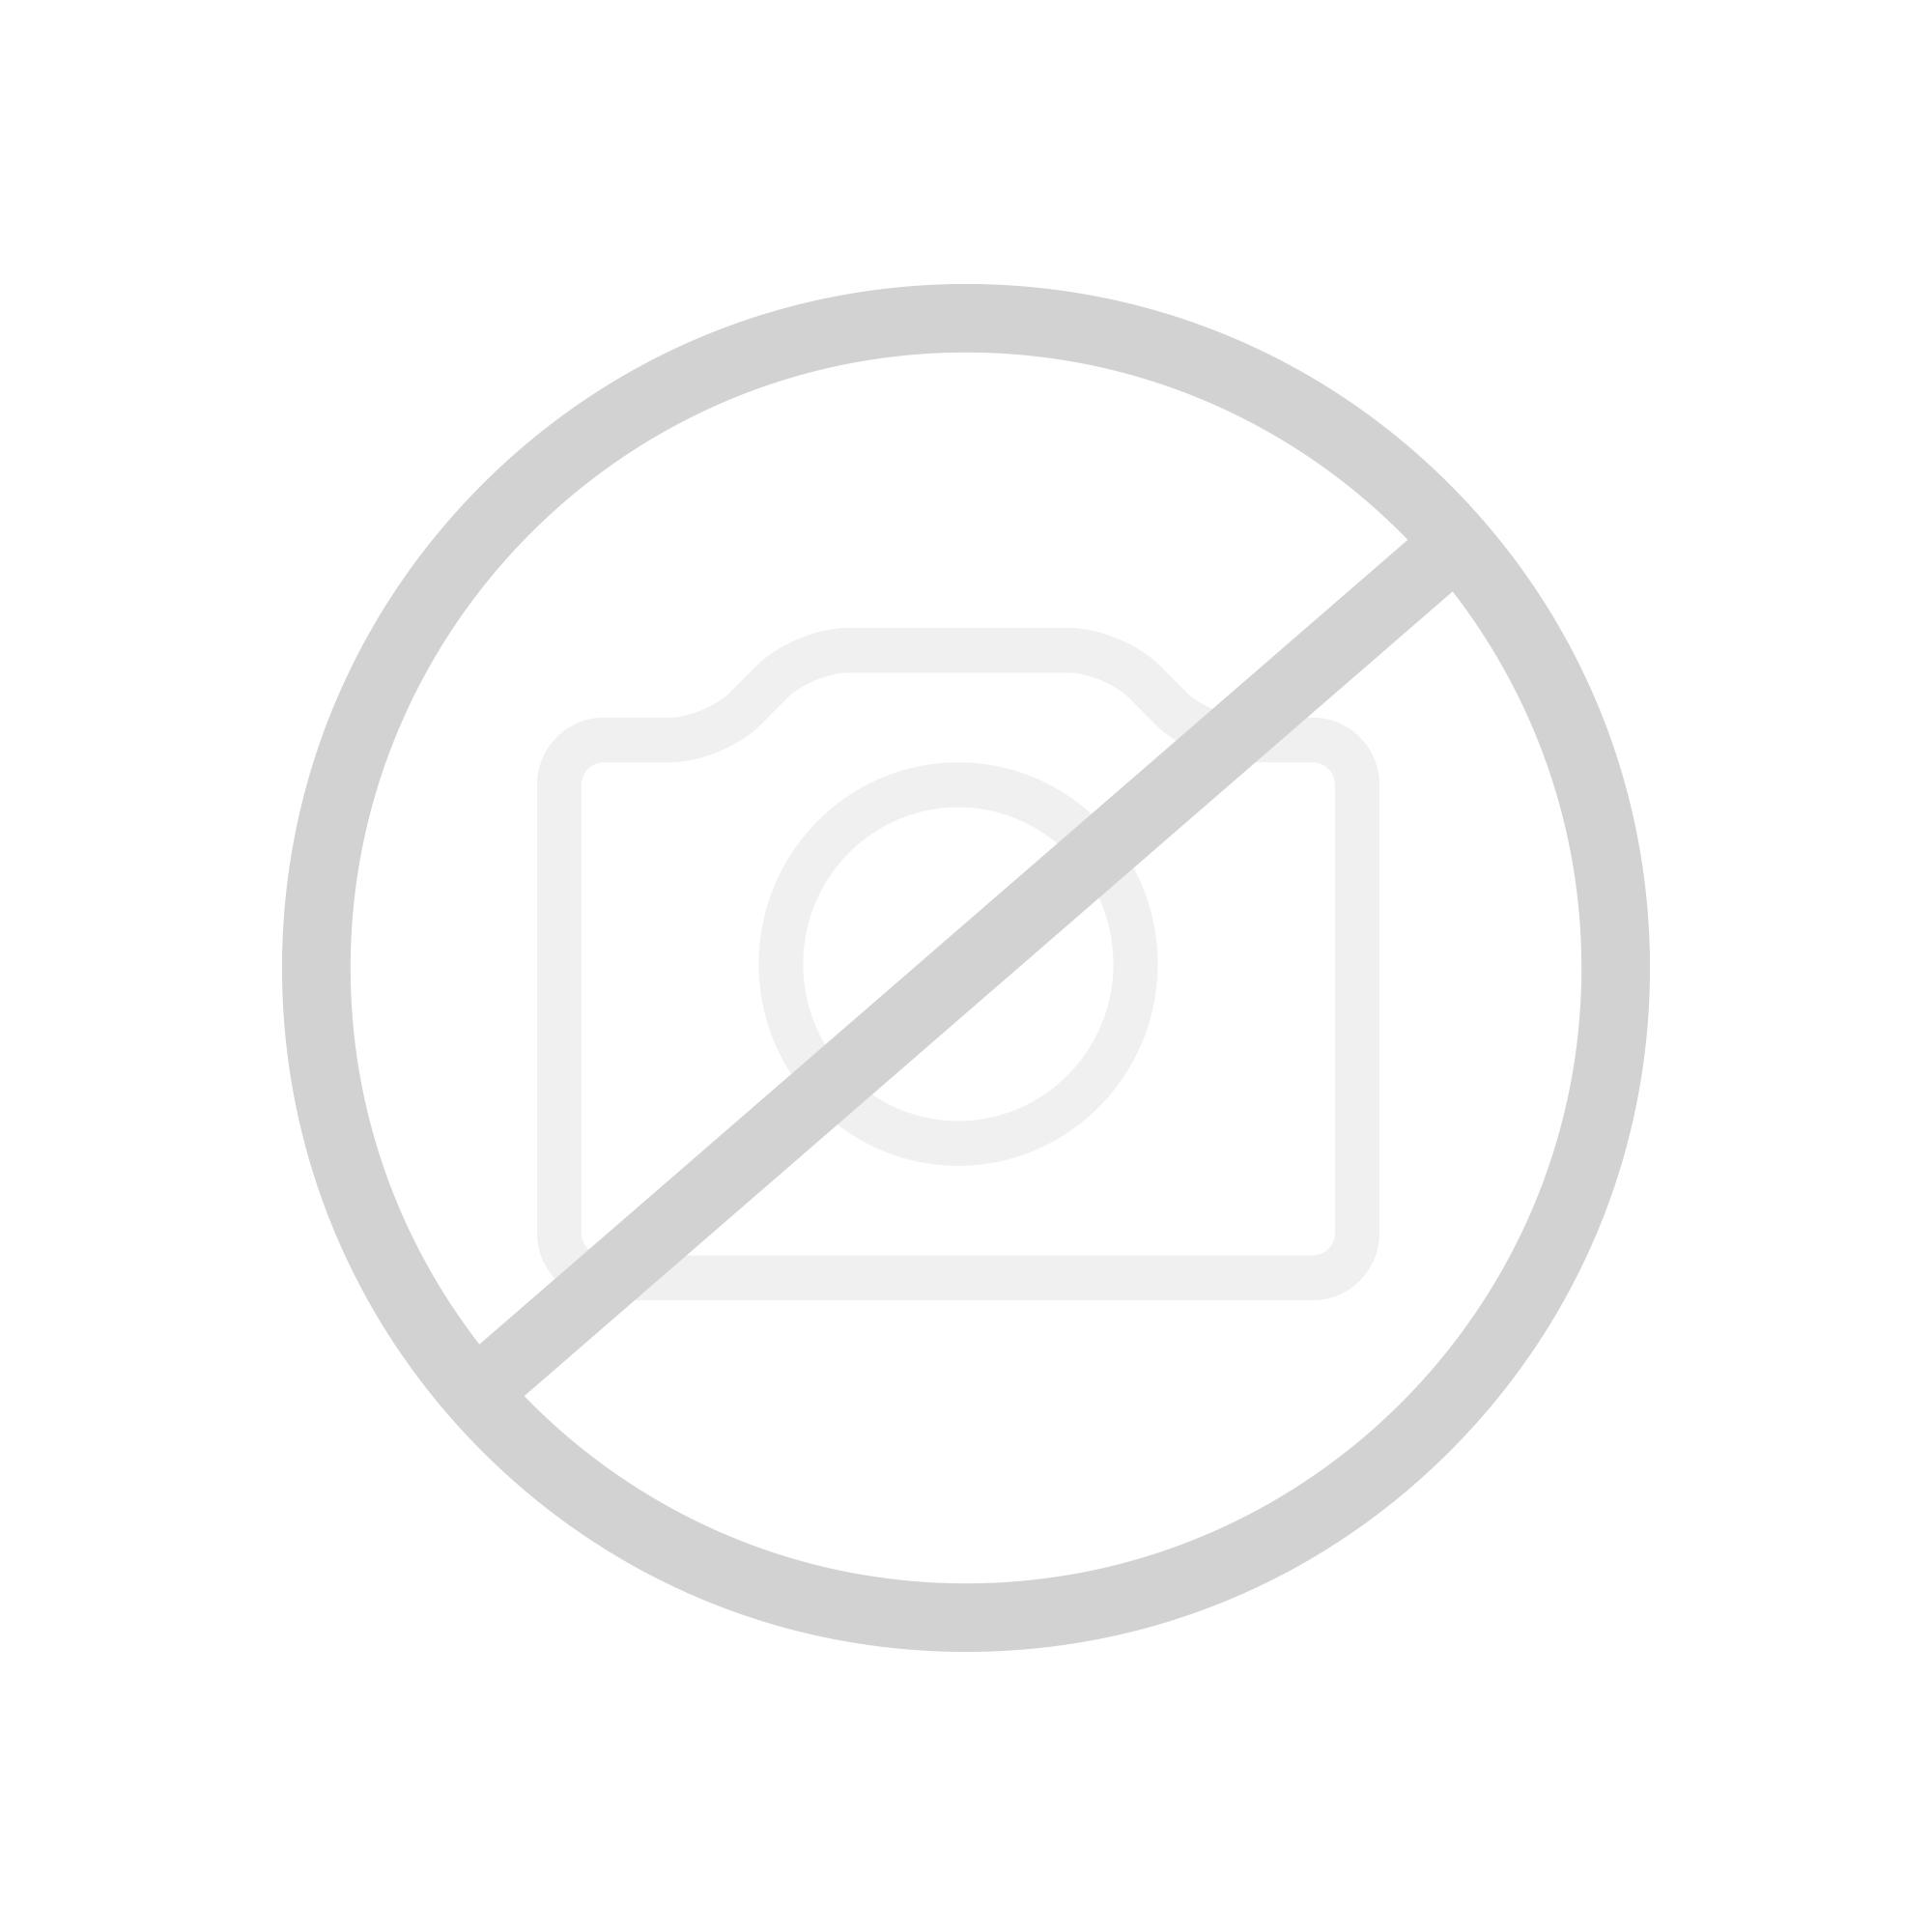 Grohe Original WAS® Anschlussventil mit integrierter Schlauchplatzsicherung